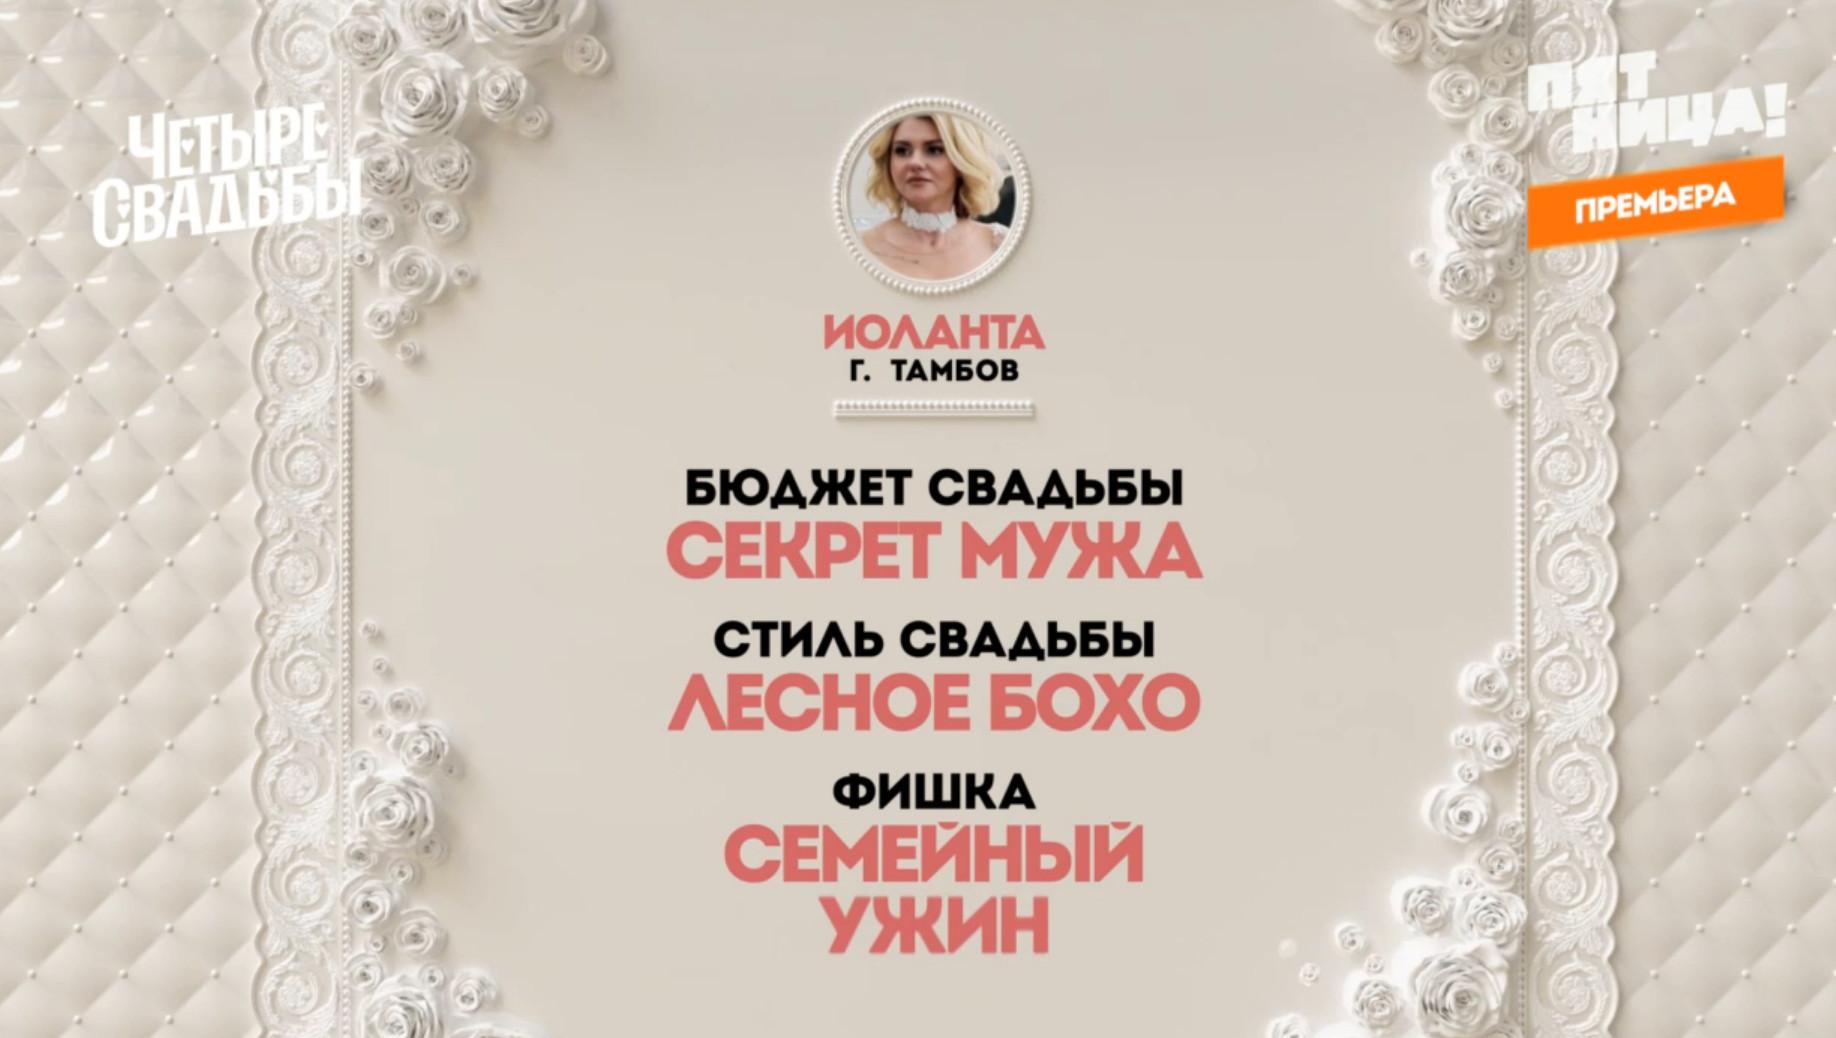 """Пара из Тамбова приняла участие в телешоу """"Четыре свадьбы"""""""